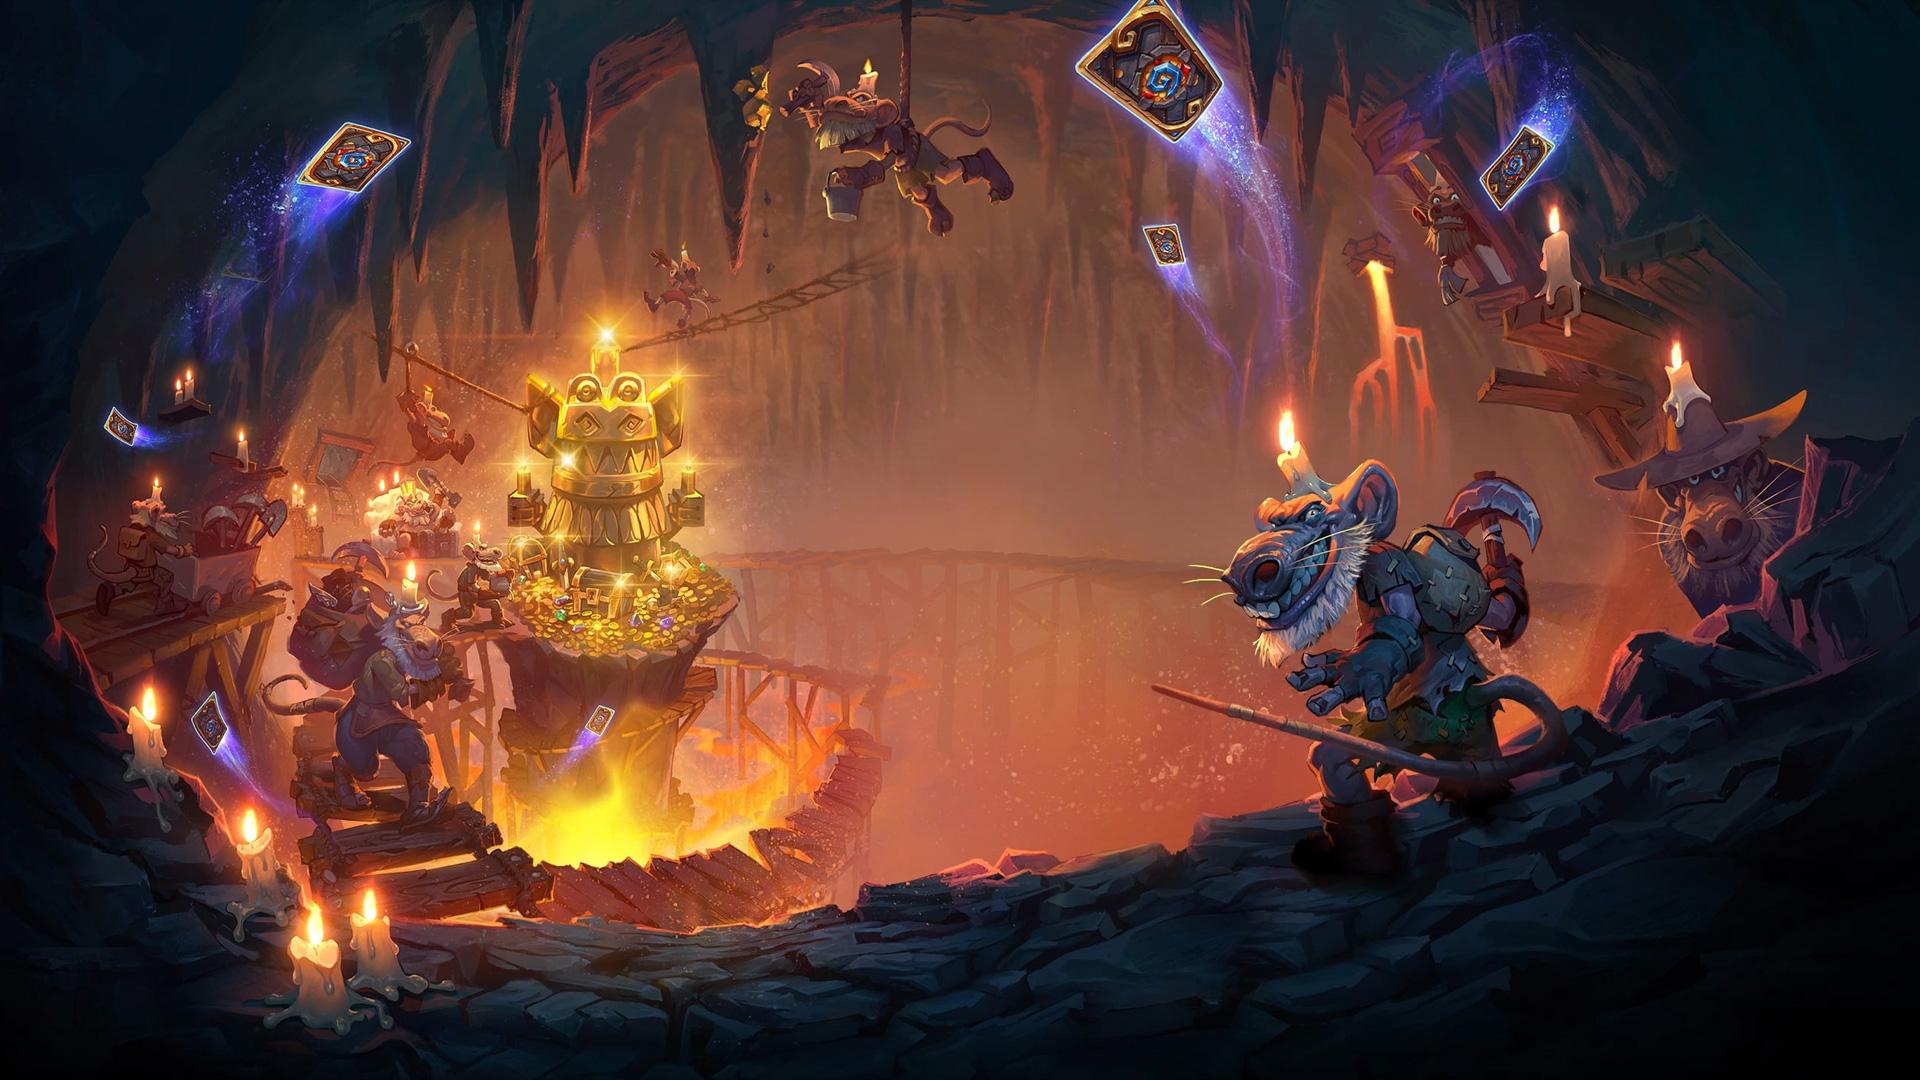 Объявлена точная дата выхода Hearthstone: Kobolds and Catacombs